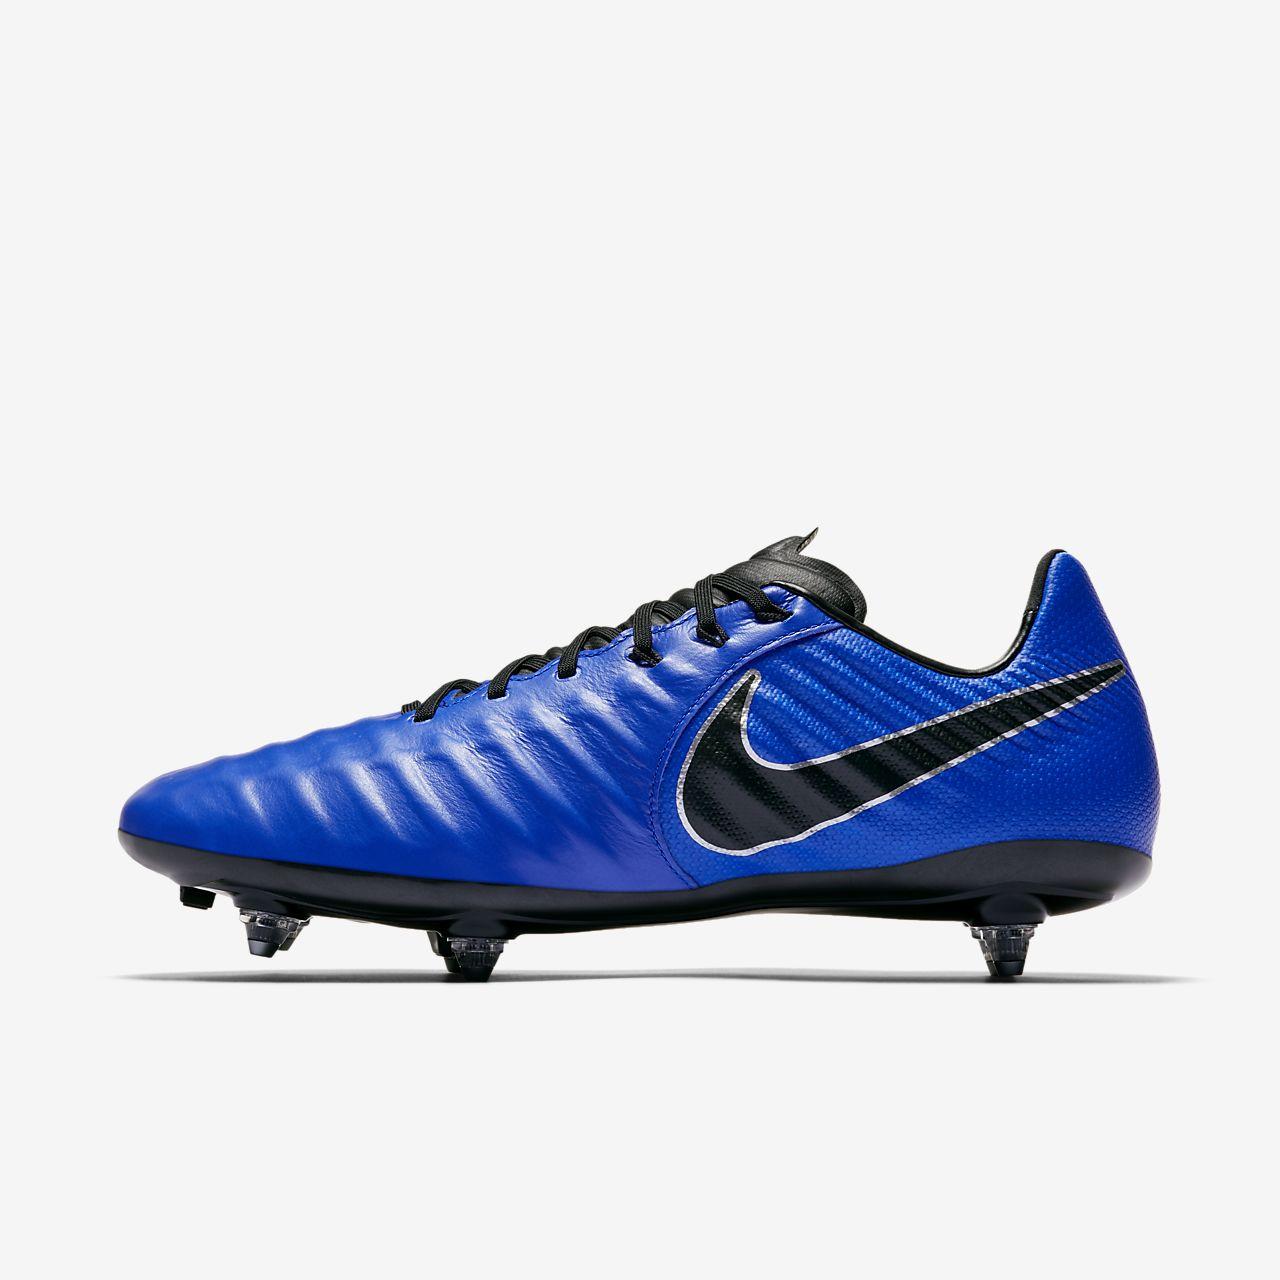 on sale 7570e 1a272 ... Fotbollssko för mjukt underlag Nike Tiempo Legend VII Pro